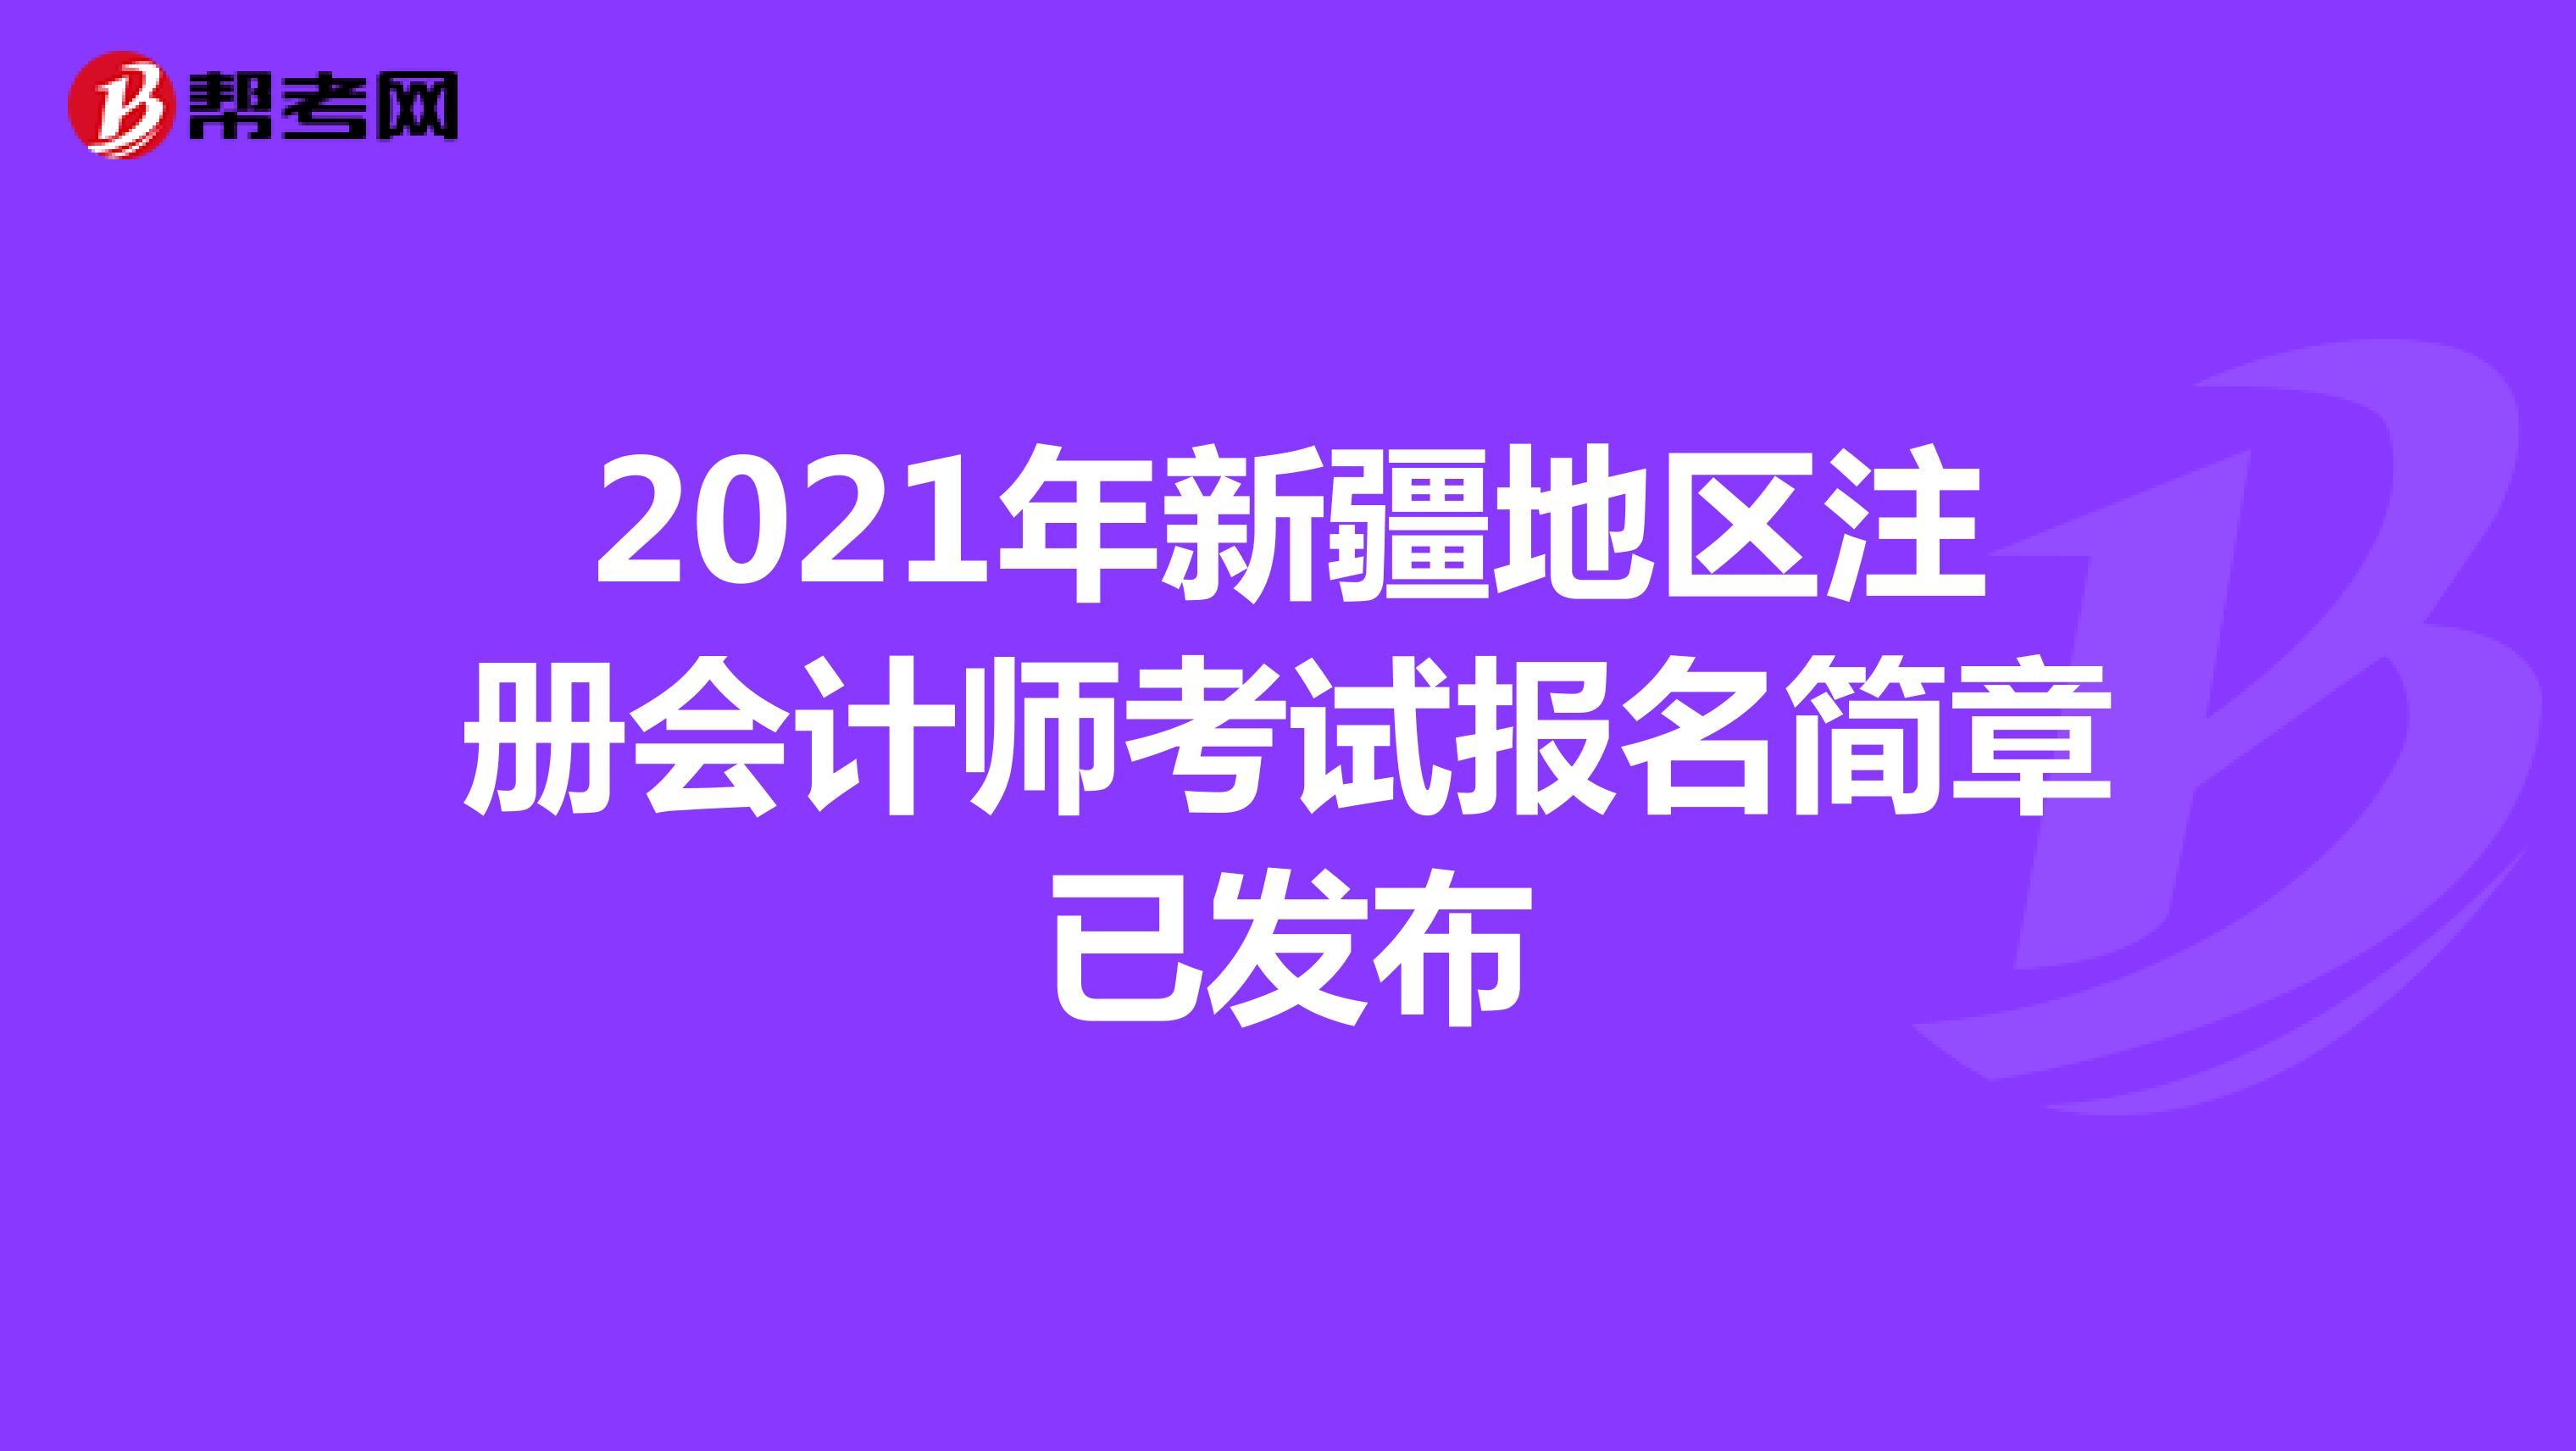 2021年新疆地区注册会计师考试报名简章已发布